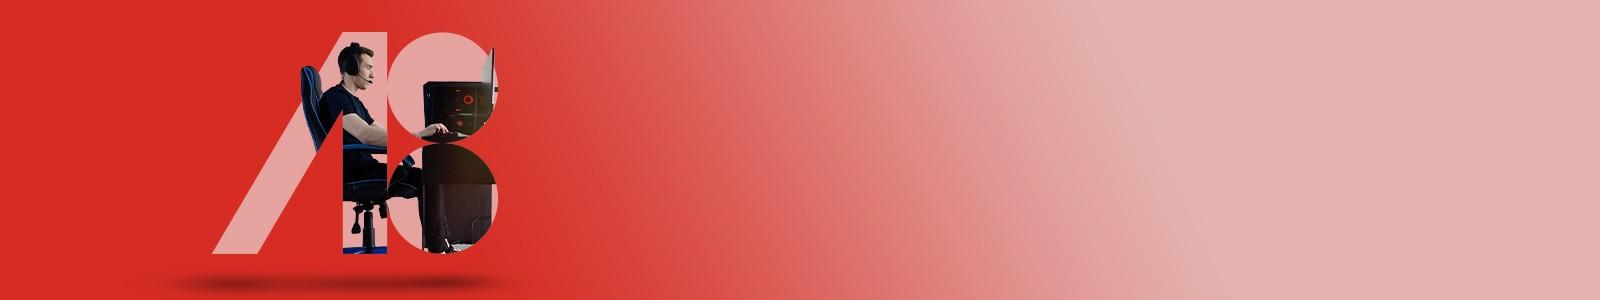 2019_7_8_atombody_kategoriebanner_1600x300px_e-sportmEbDDMTkkp06d